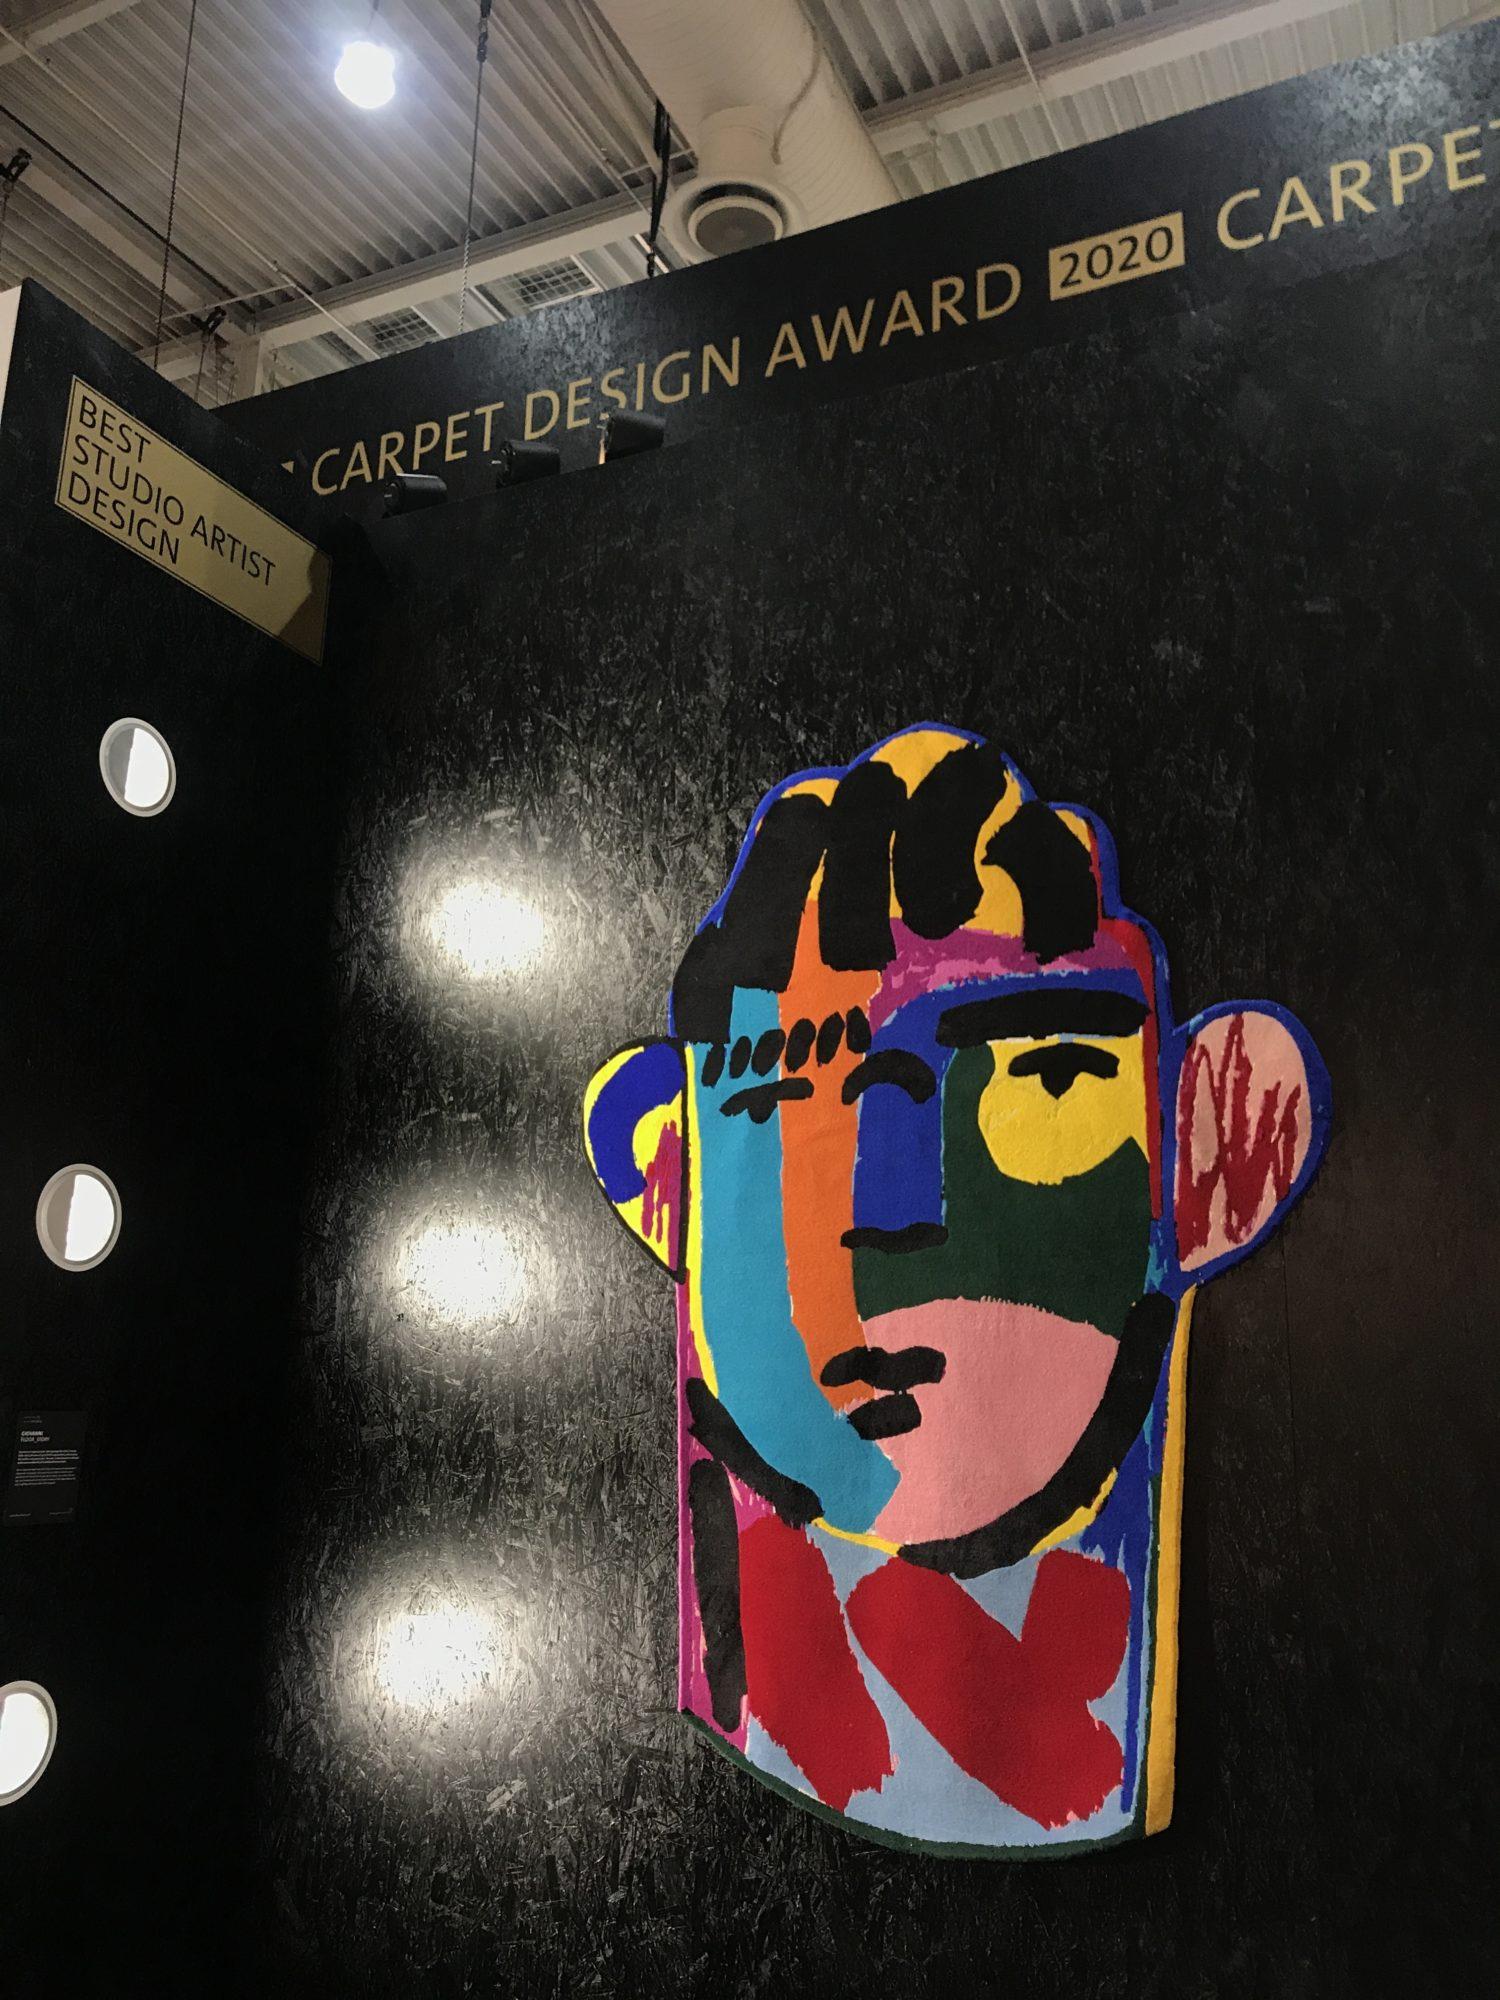 Whoop, Whoop! Carpet Design Awards 2020